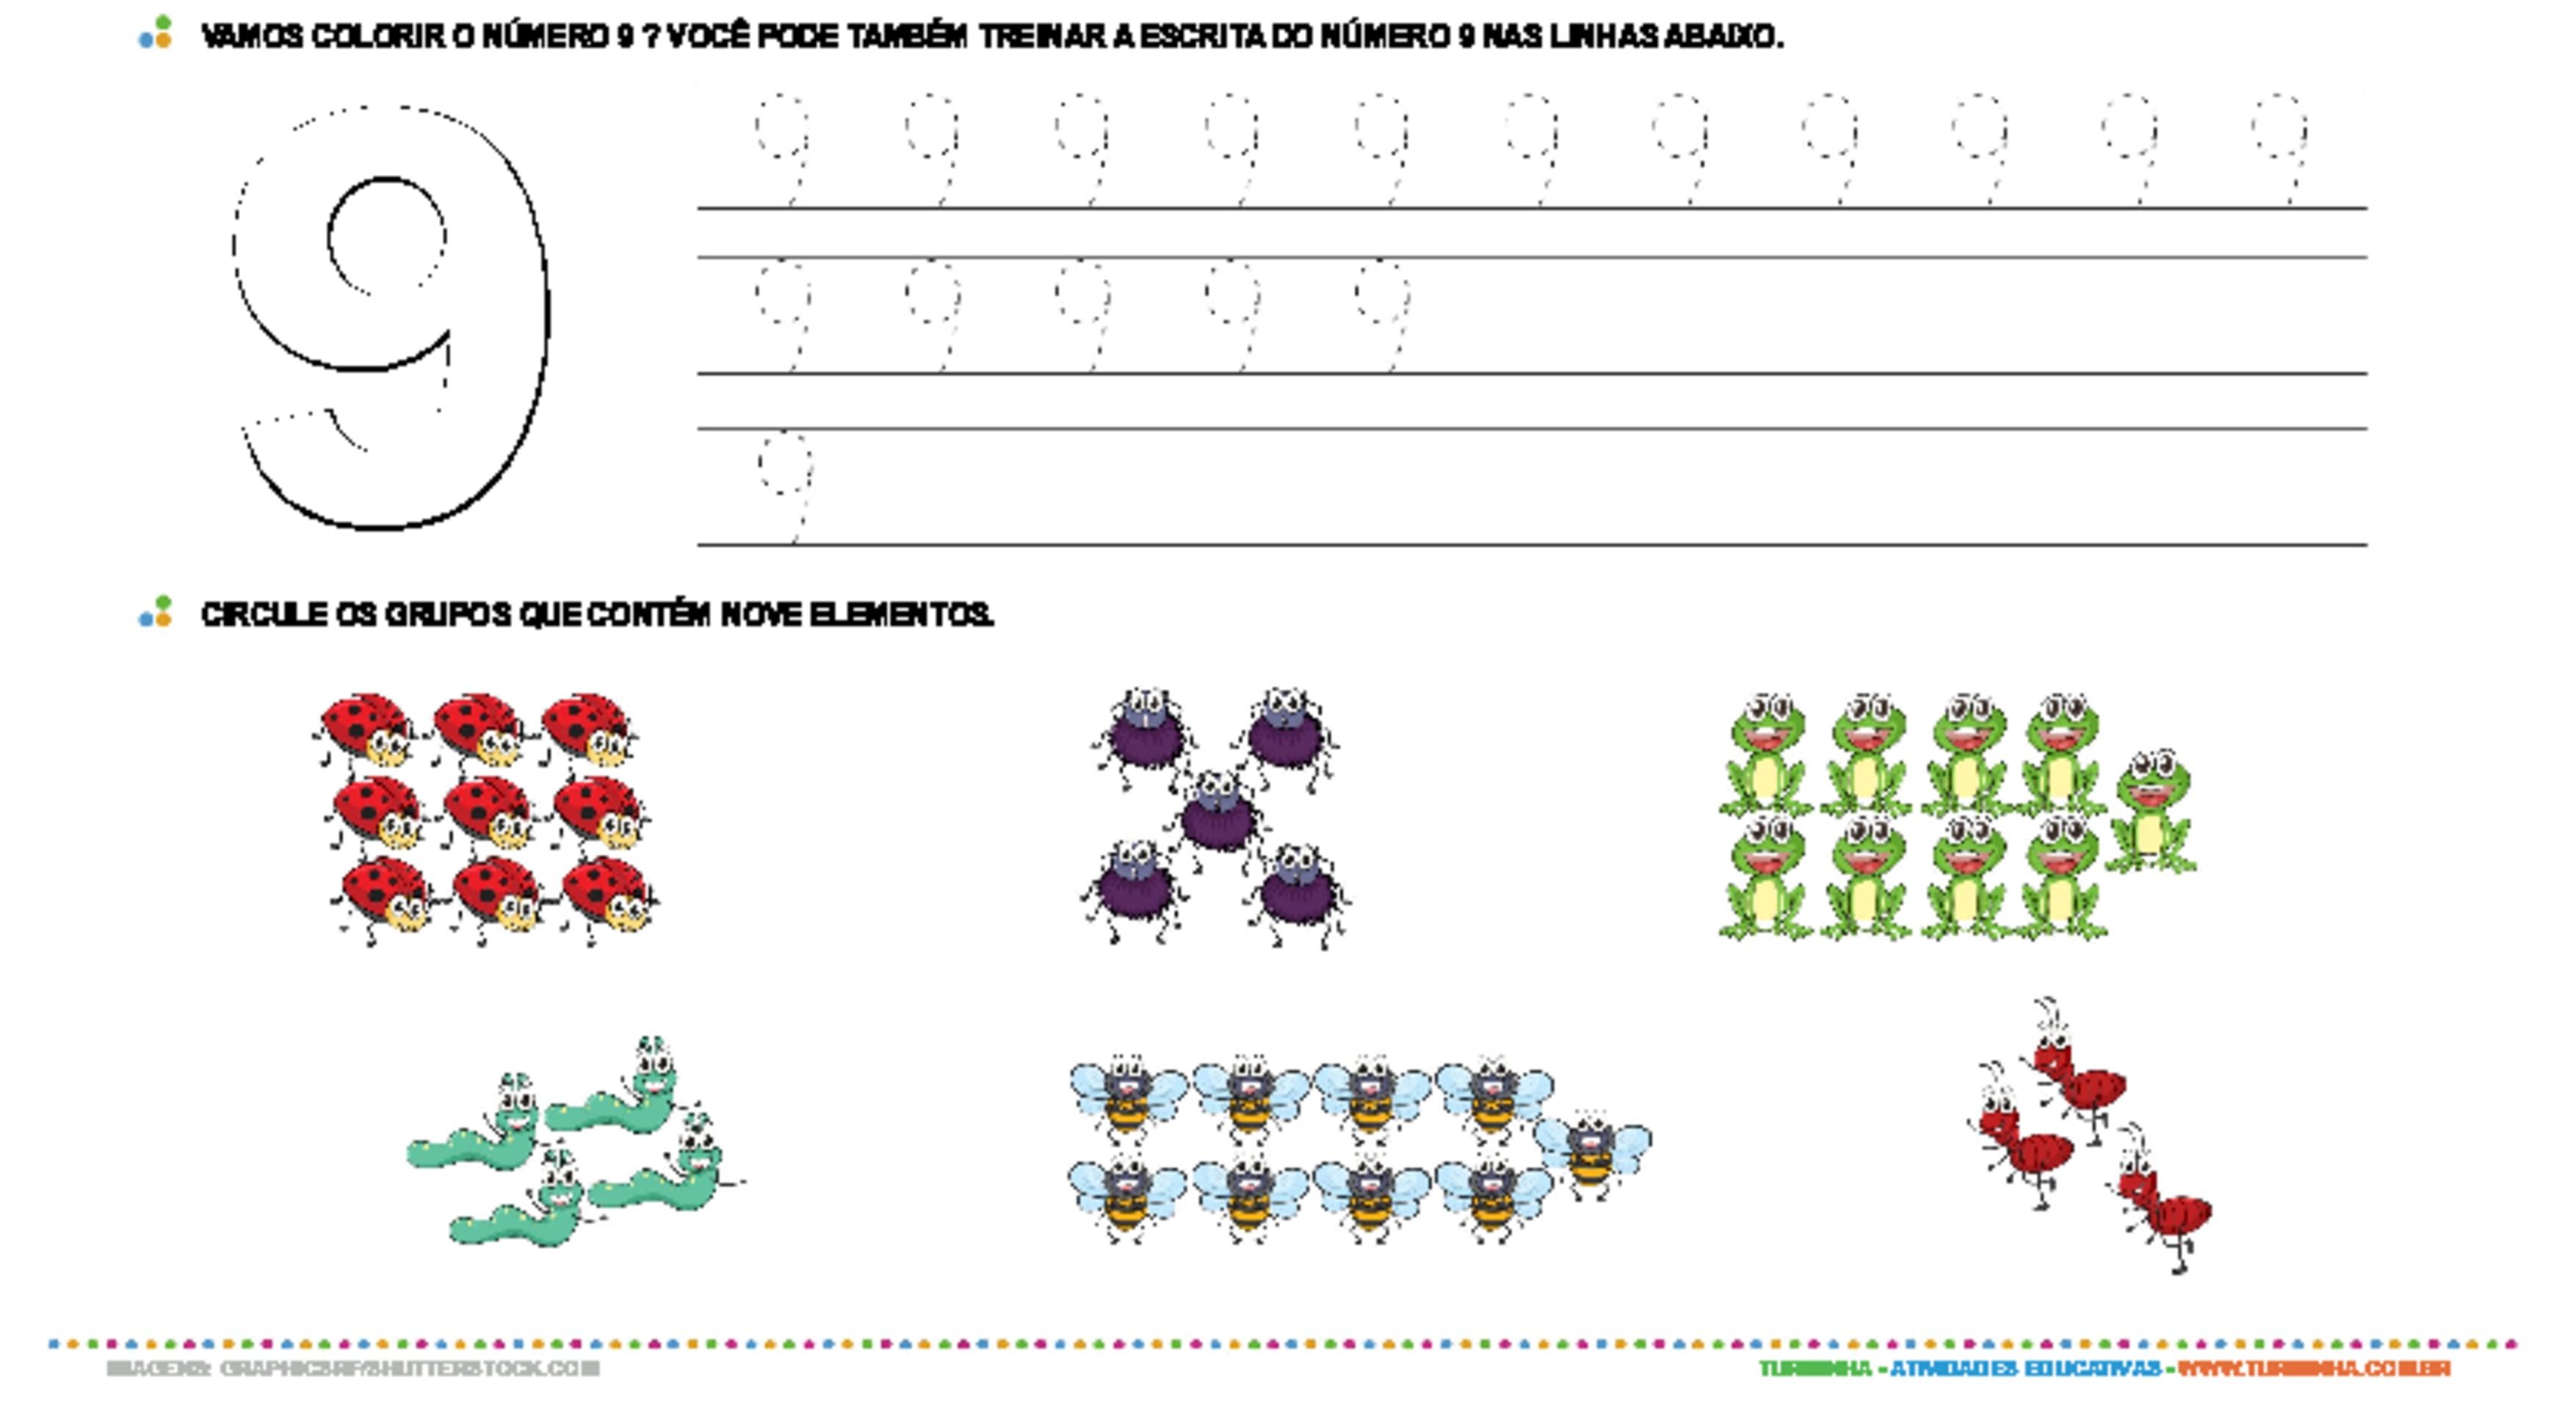 Aprendendo o número 9 - atividade educativa para Creche (0 a 3 anos)